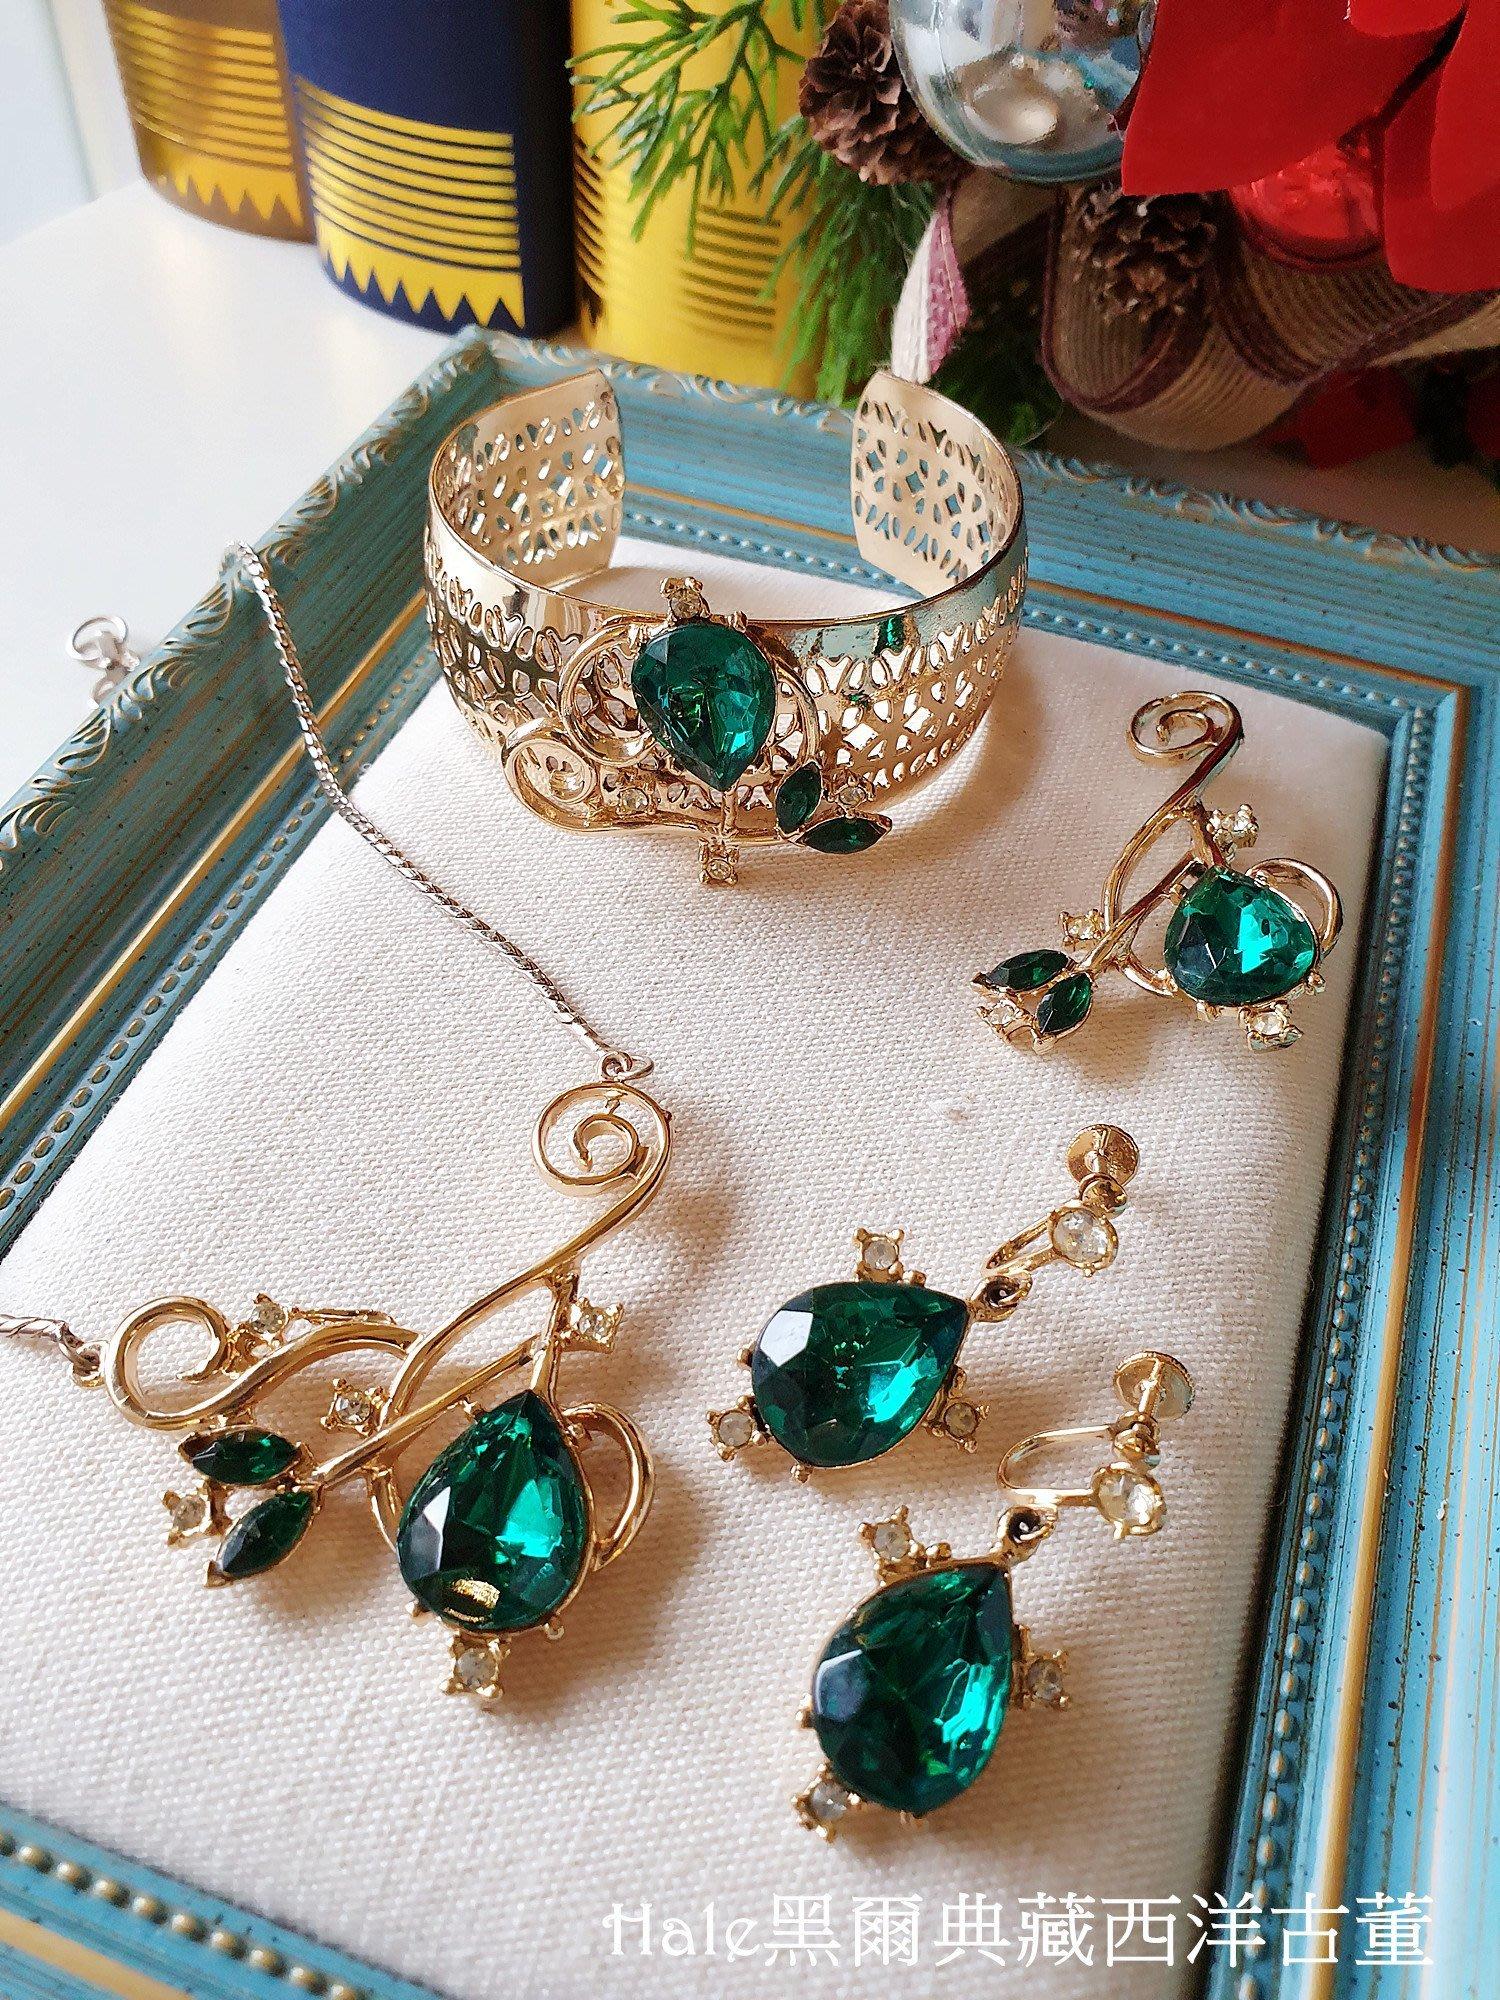 黑爾典藏西洋古董~美國1950祖母綠萊茵 項鍊/手環/胸針耳環 組合~Vintage復古歐洲珠寶老件